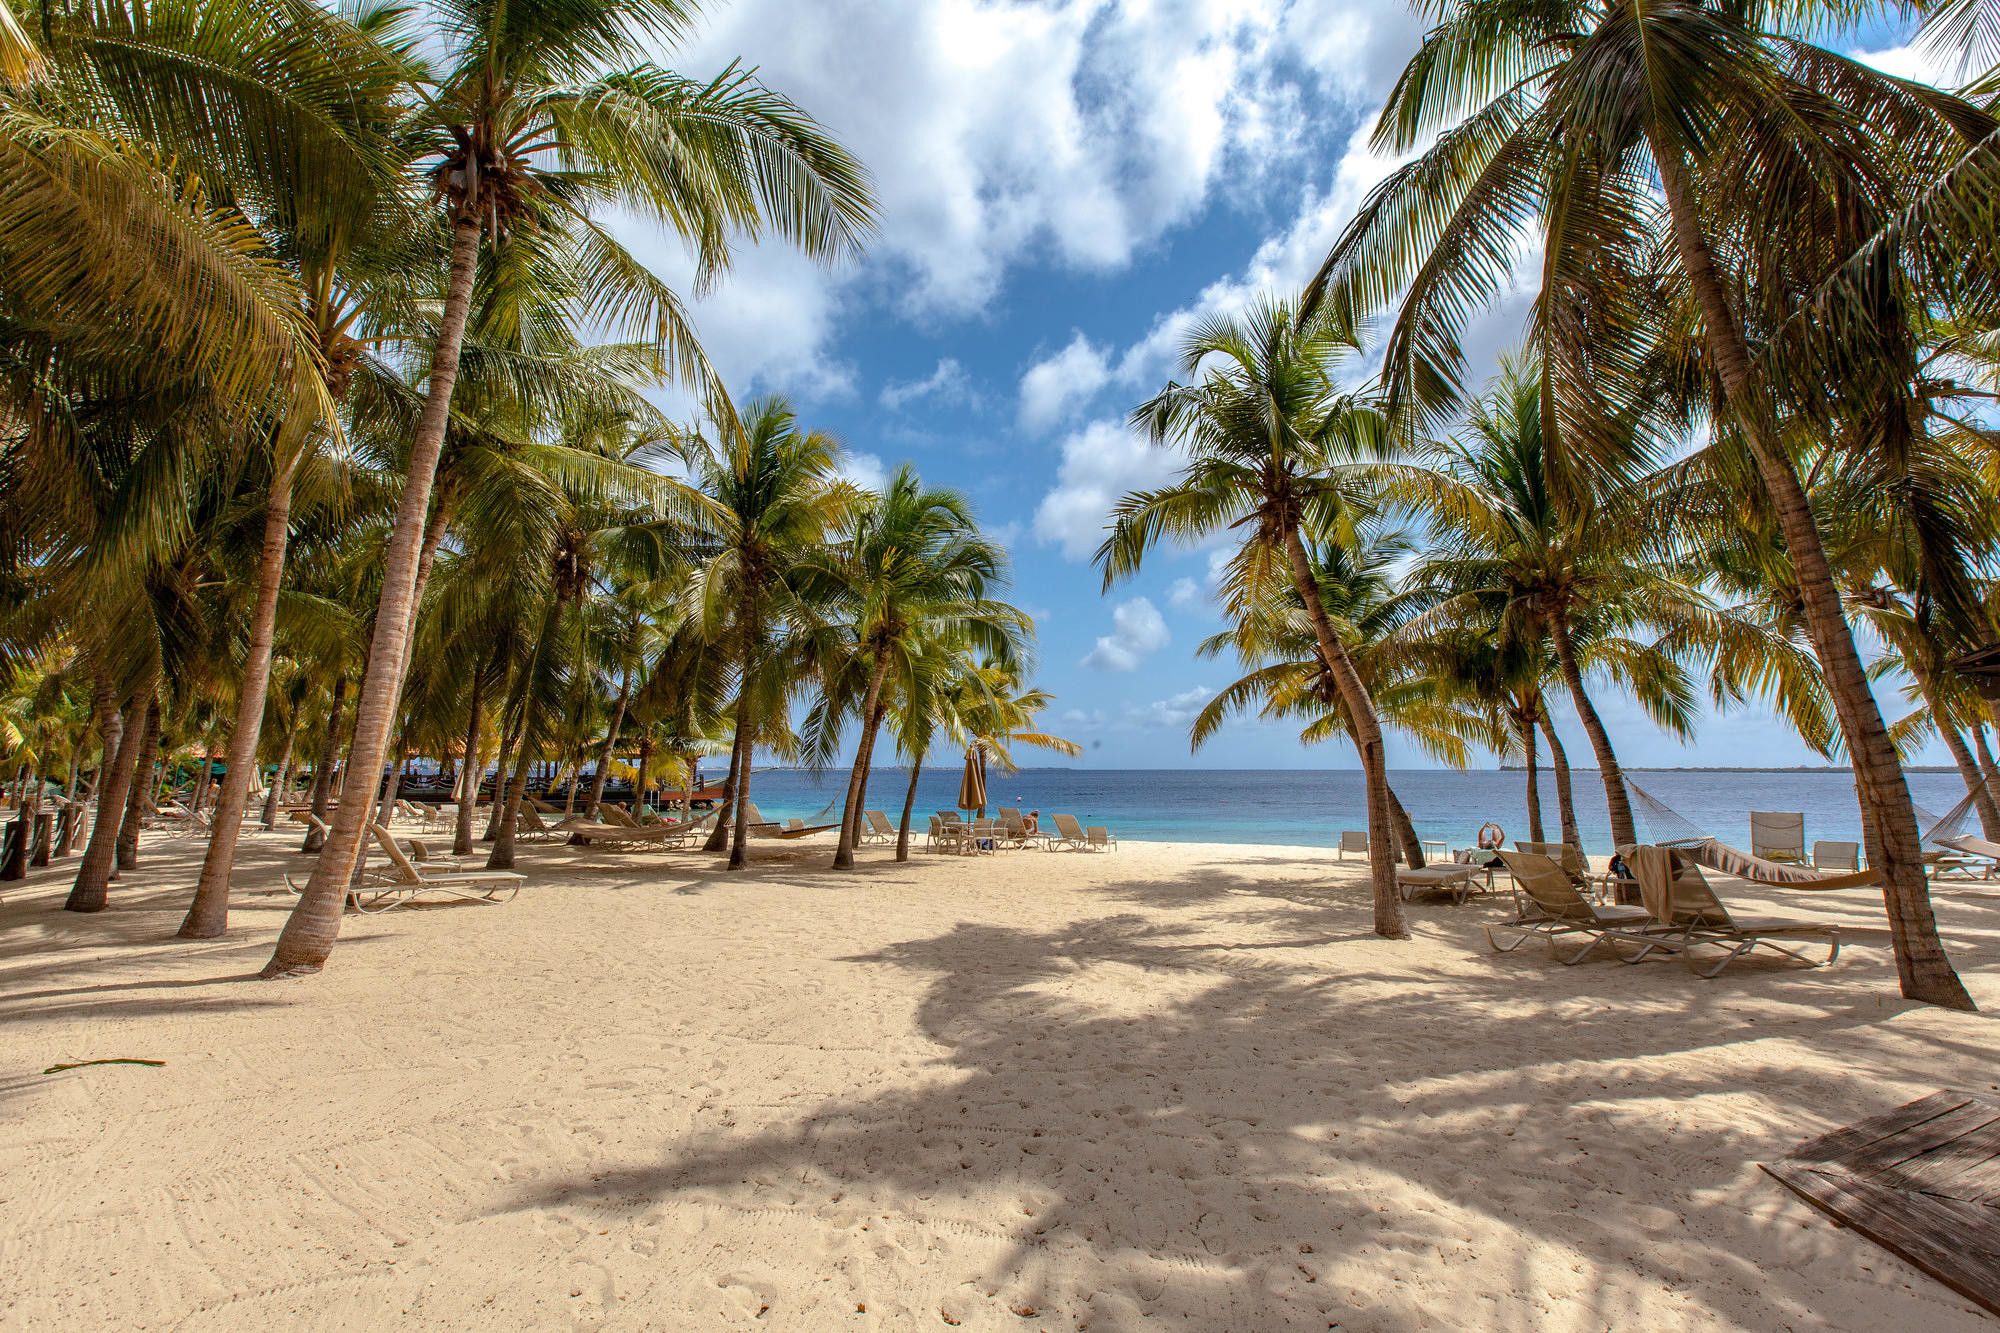 Beach at Harbour Village Beach Club, Bonaire